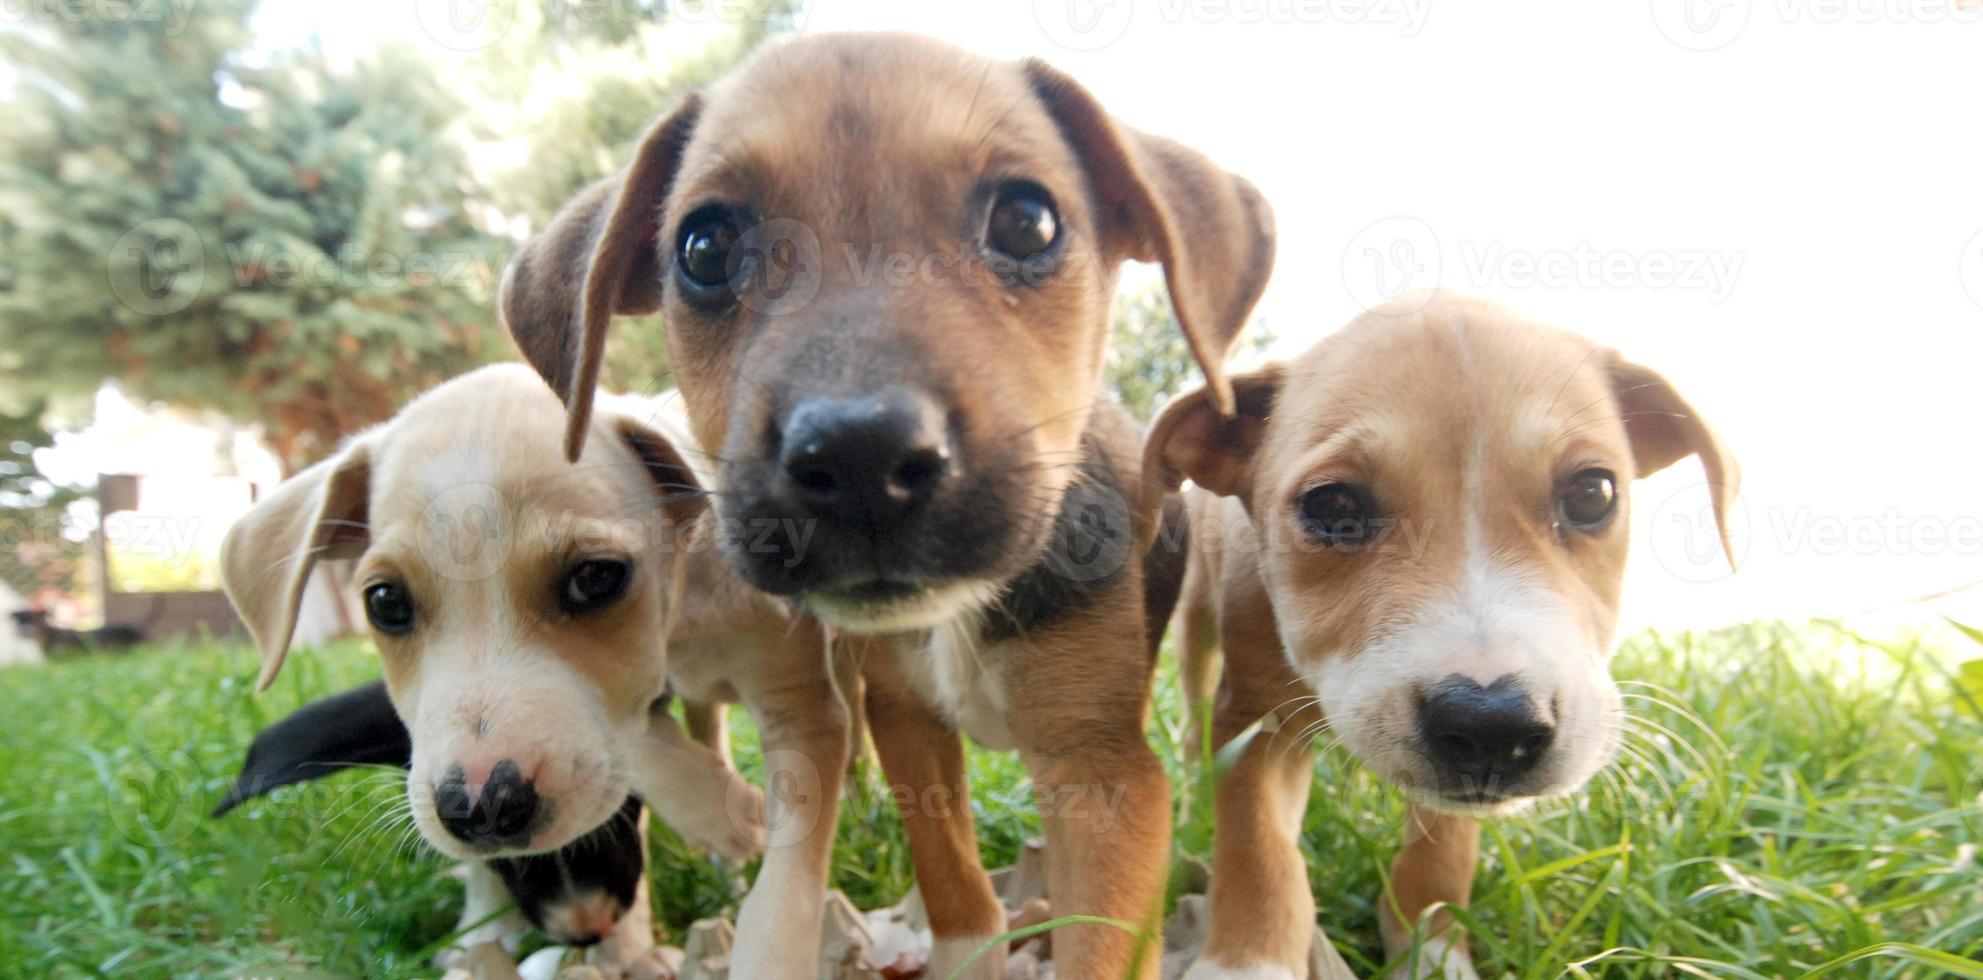 Three dog morning photo